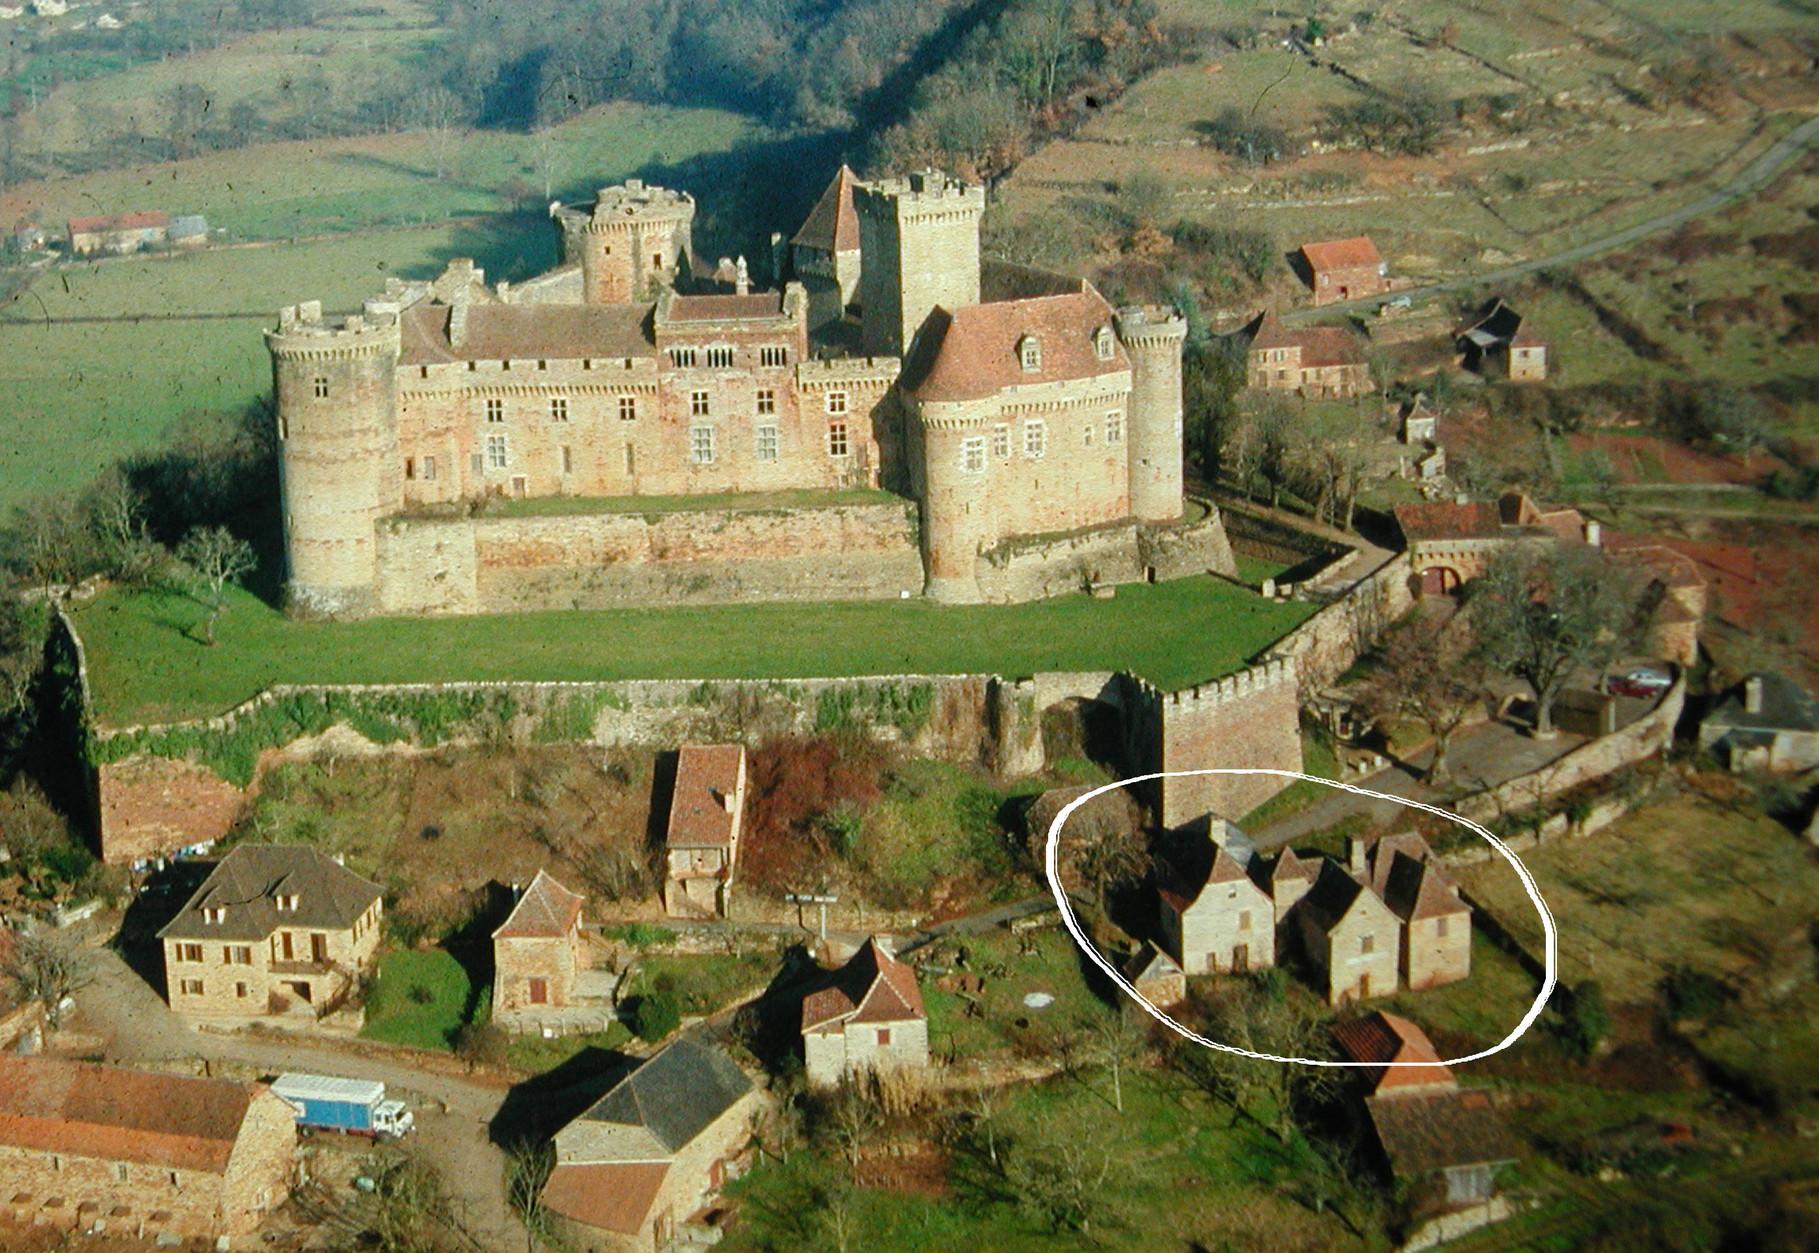 Les maisons de Cathy sous les remparts du château